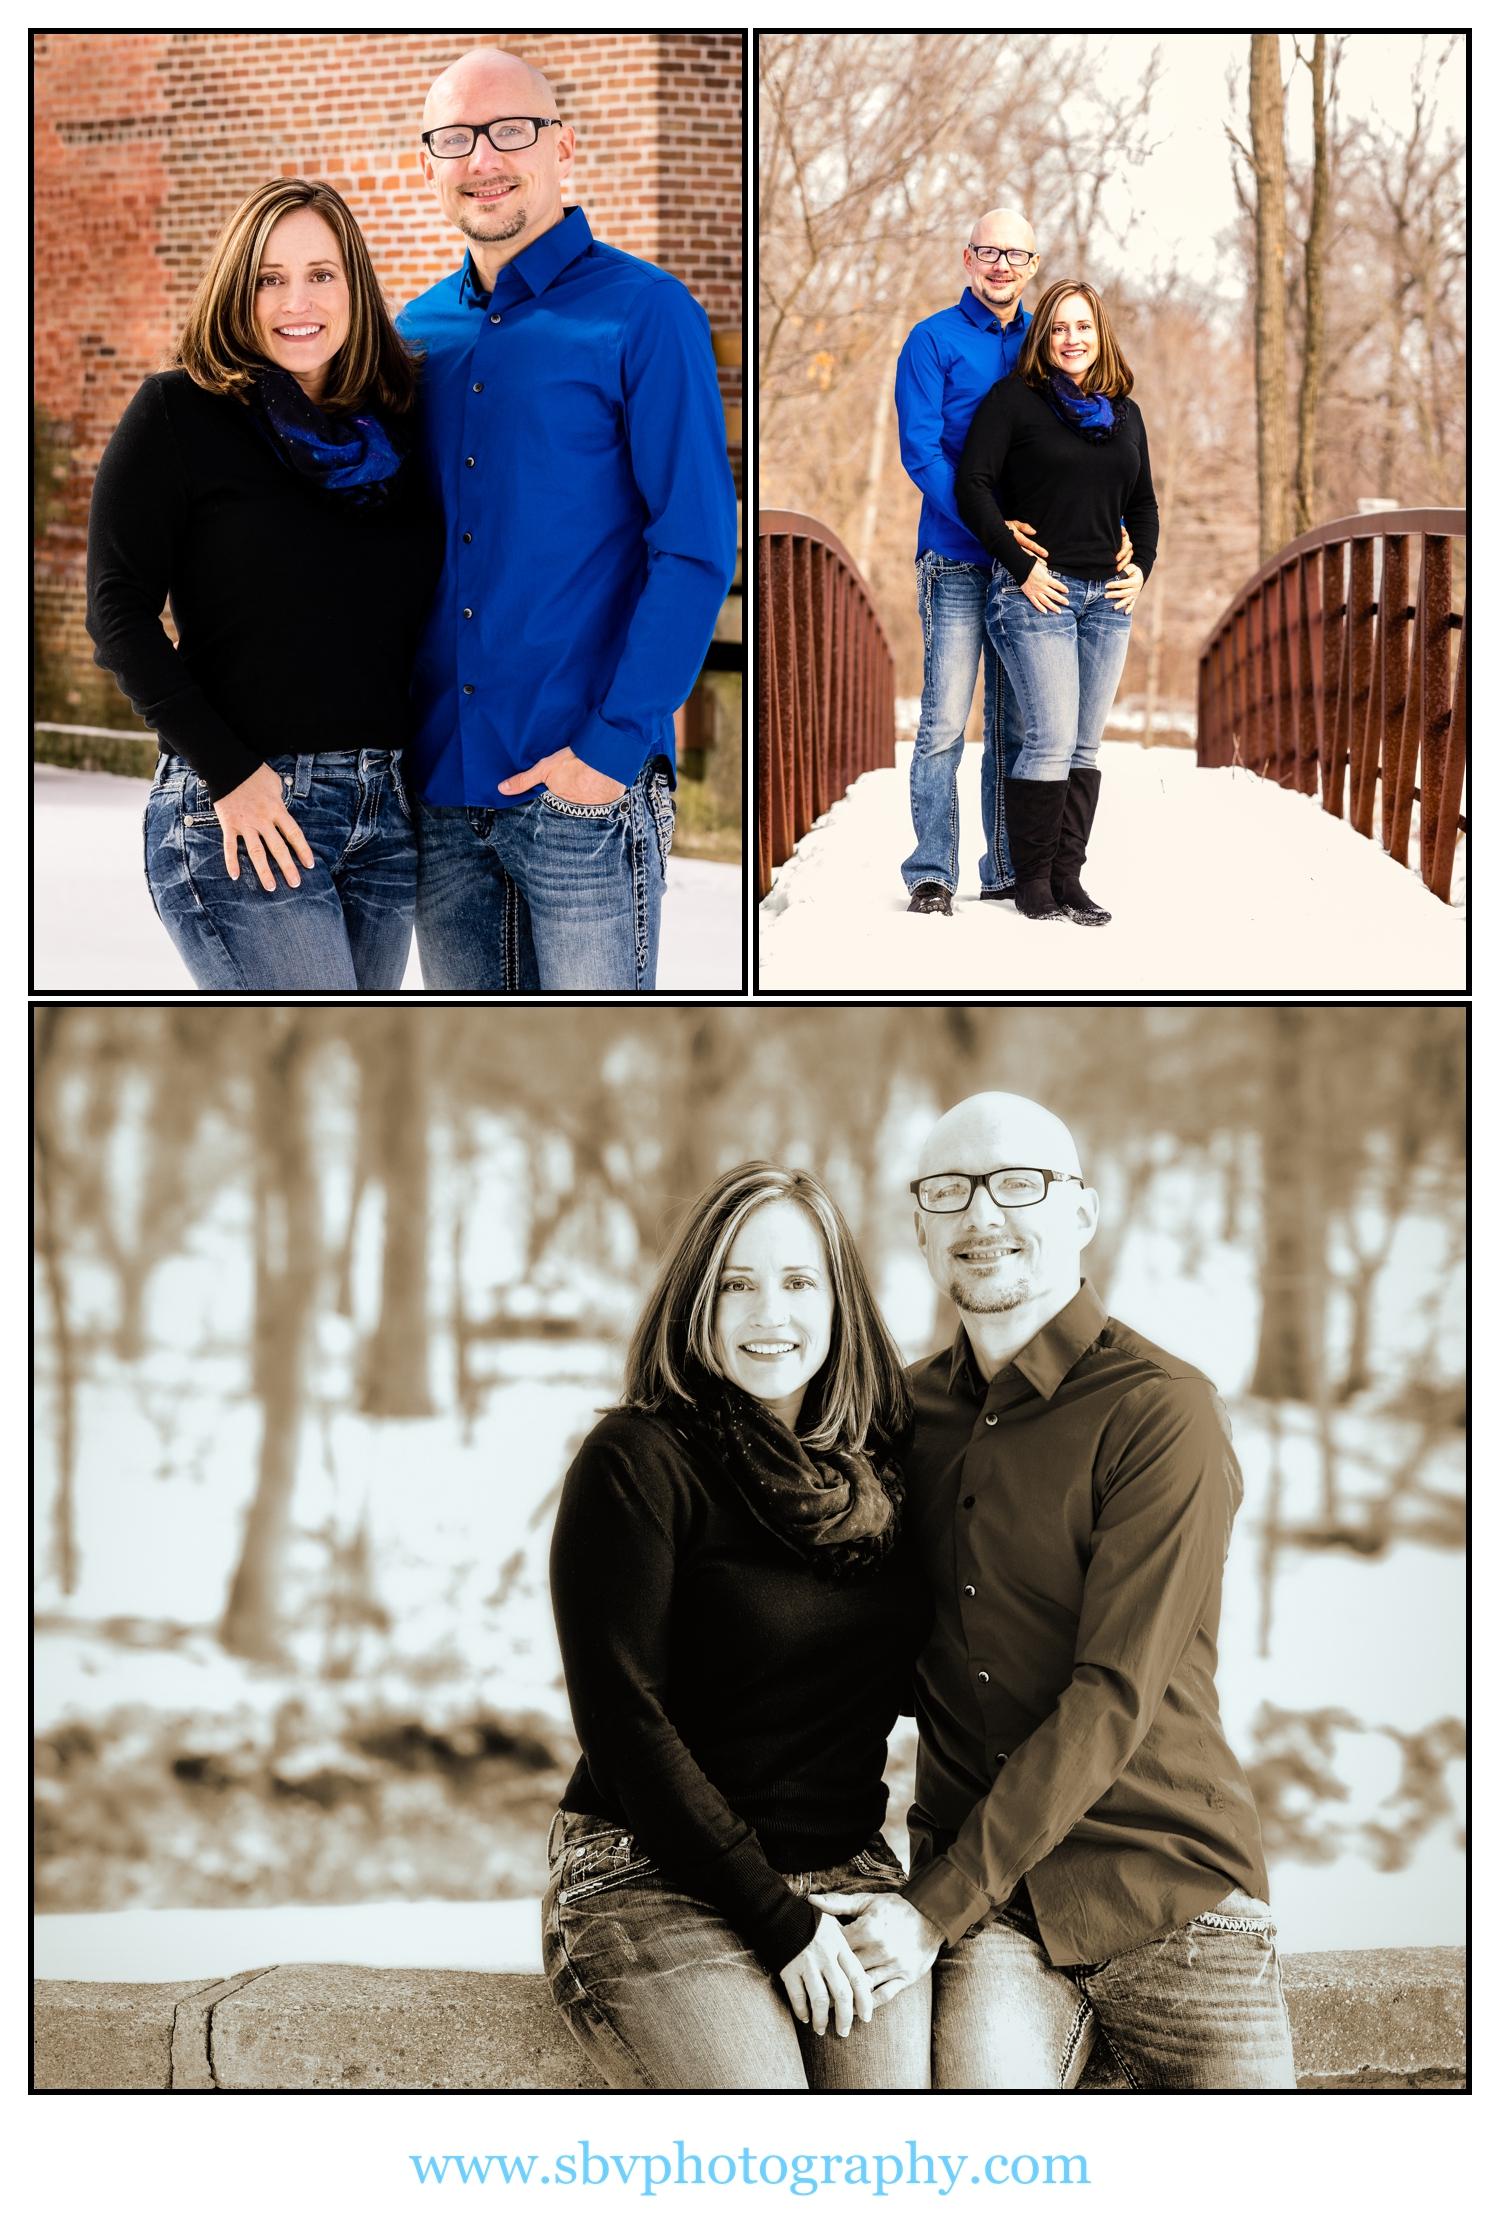 winter-portrait-collage.jpg